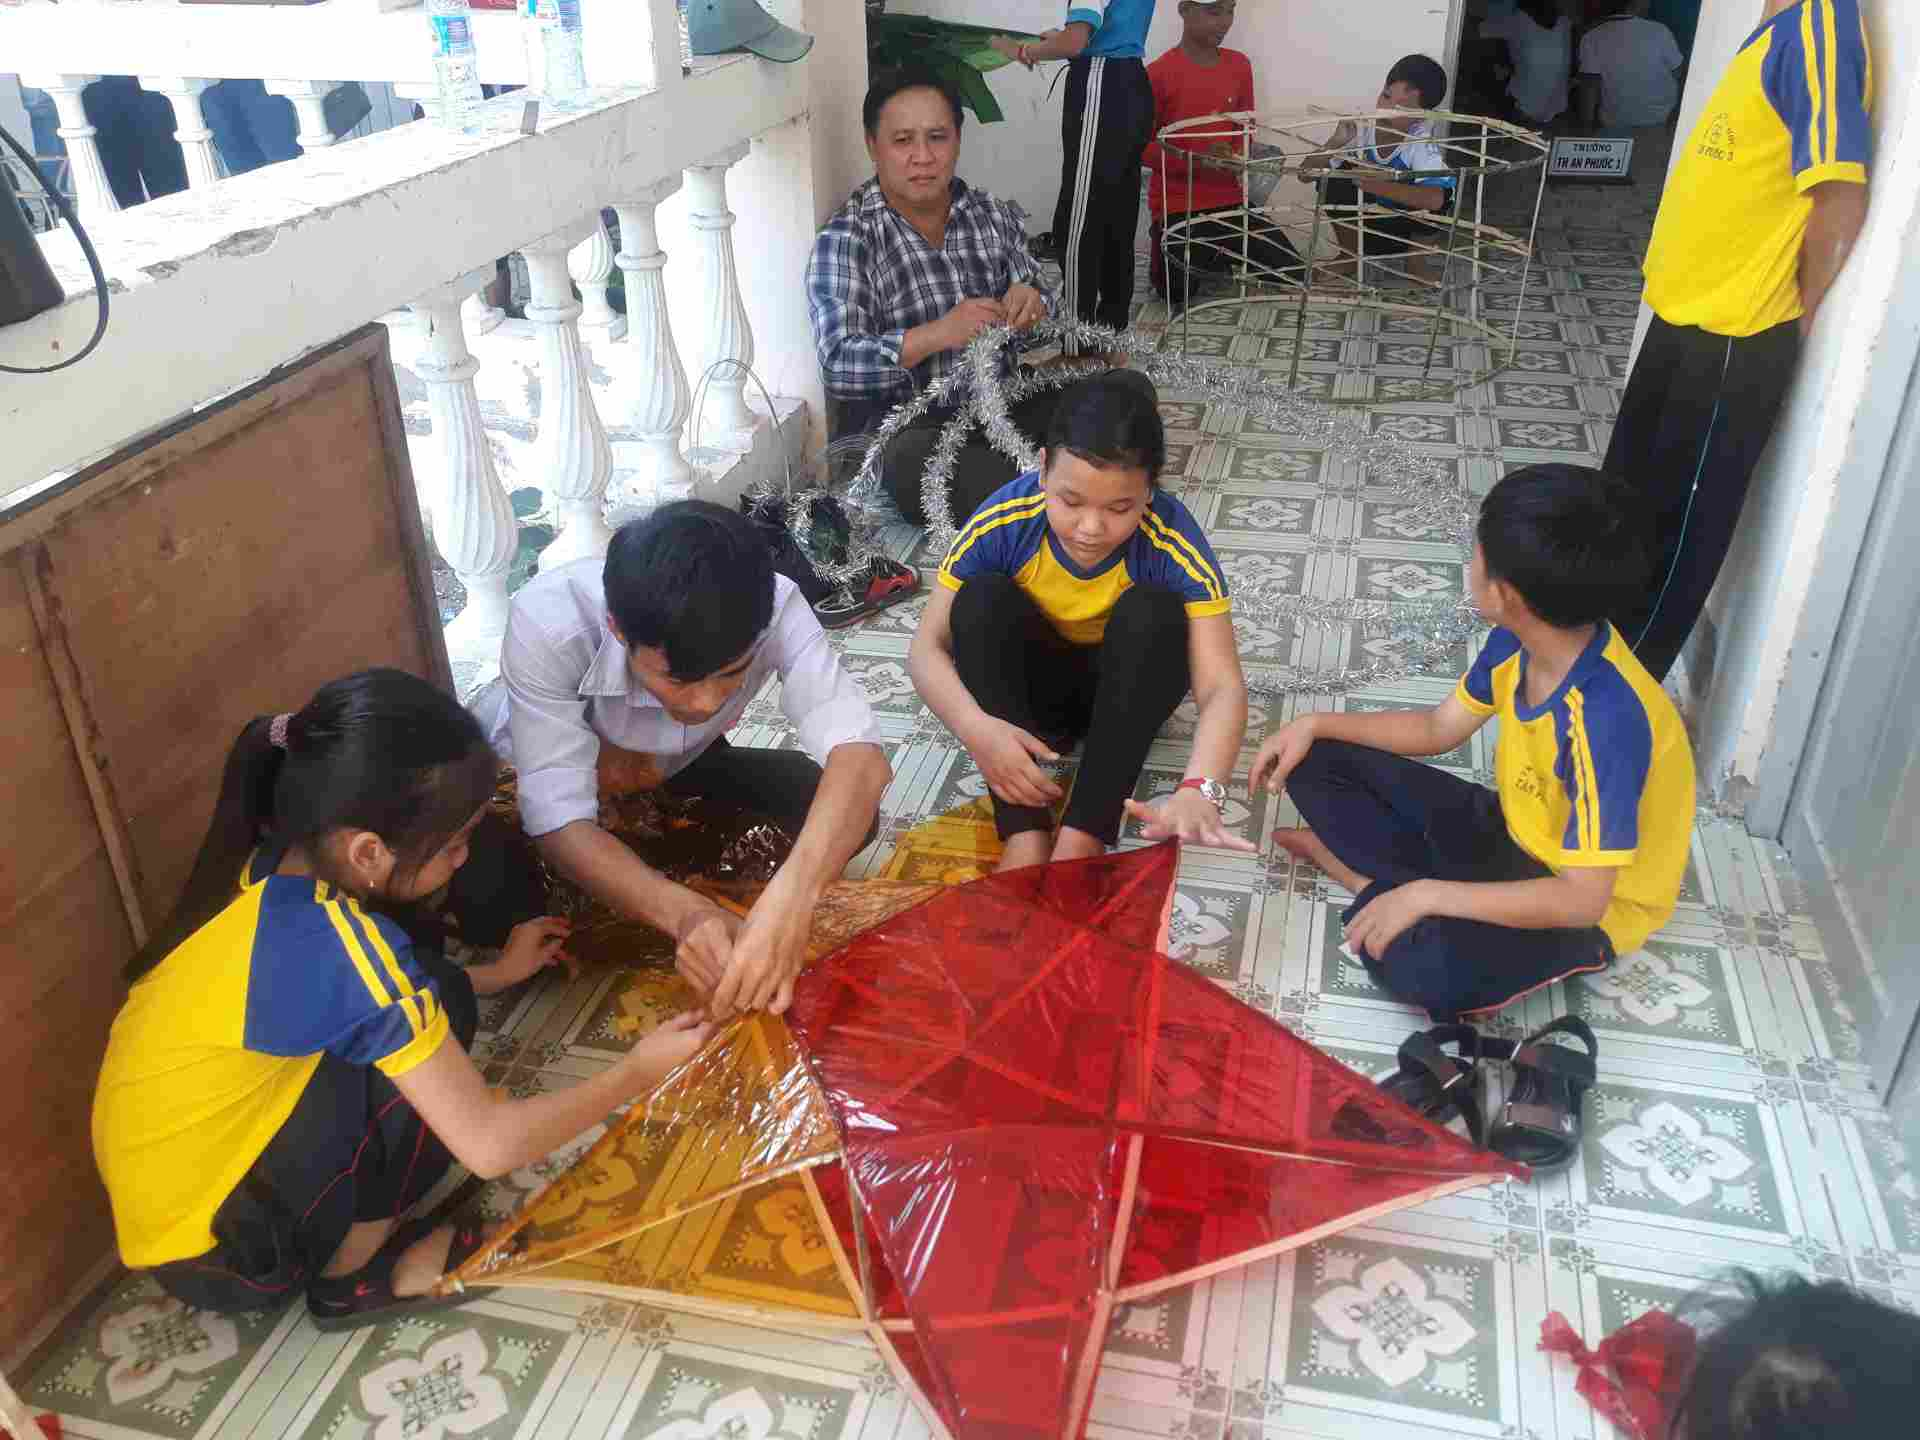 Thầy Phạm Văn Tráng và Thầy Nguyễn Văn Sang hướng dẫn các em cách làm lồng đèn